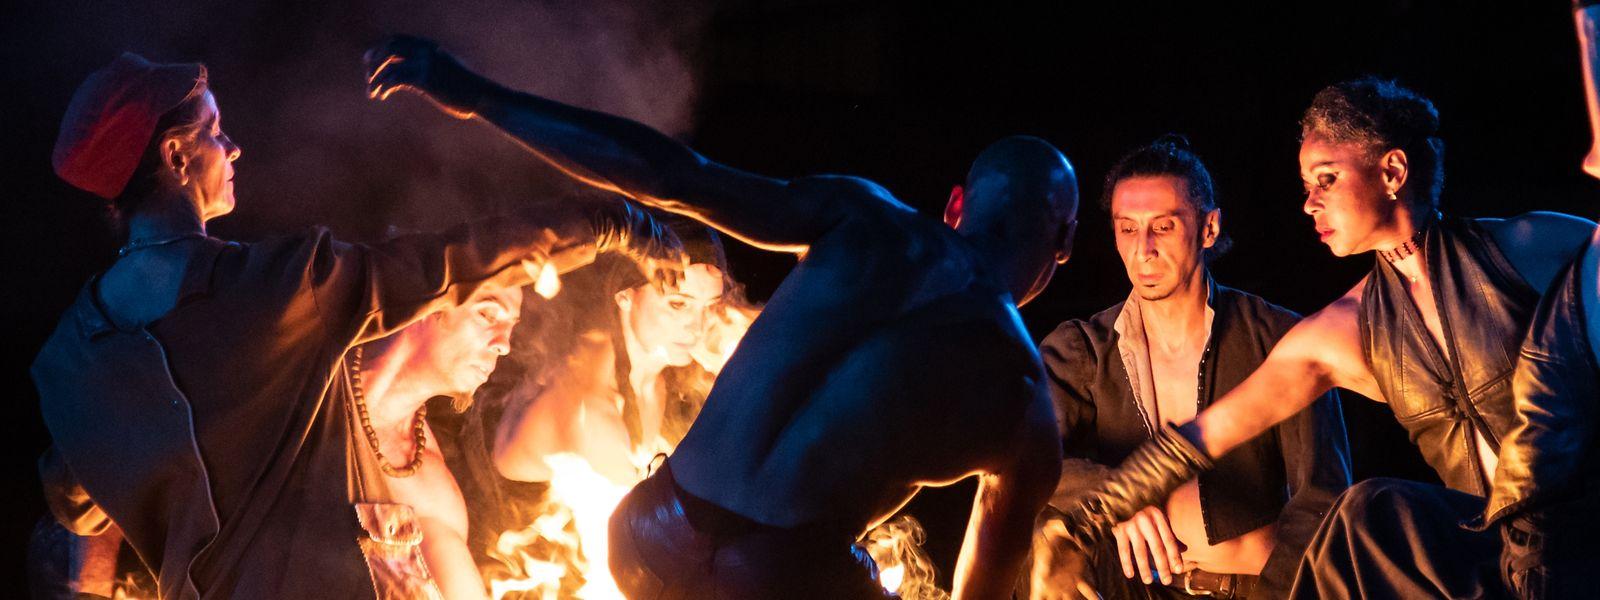 Les artistes ont présenté un spectacle de feu spectaculaire à Belval le samedi soir.